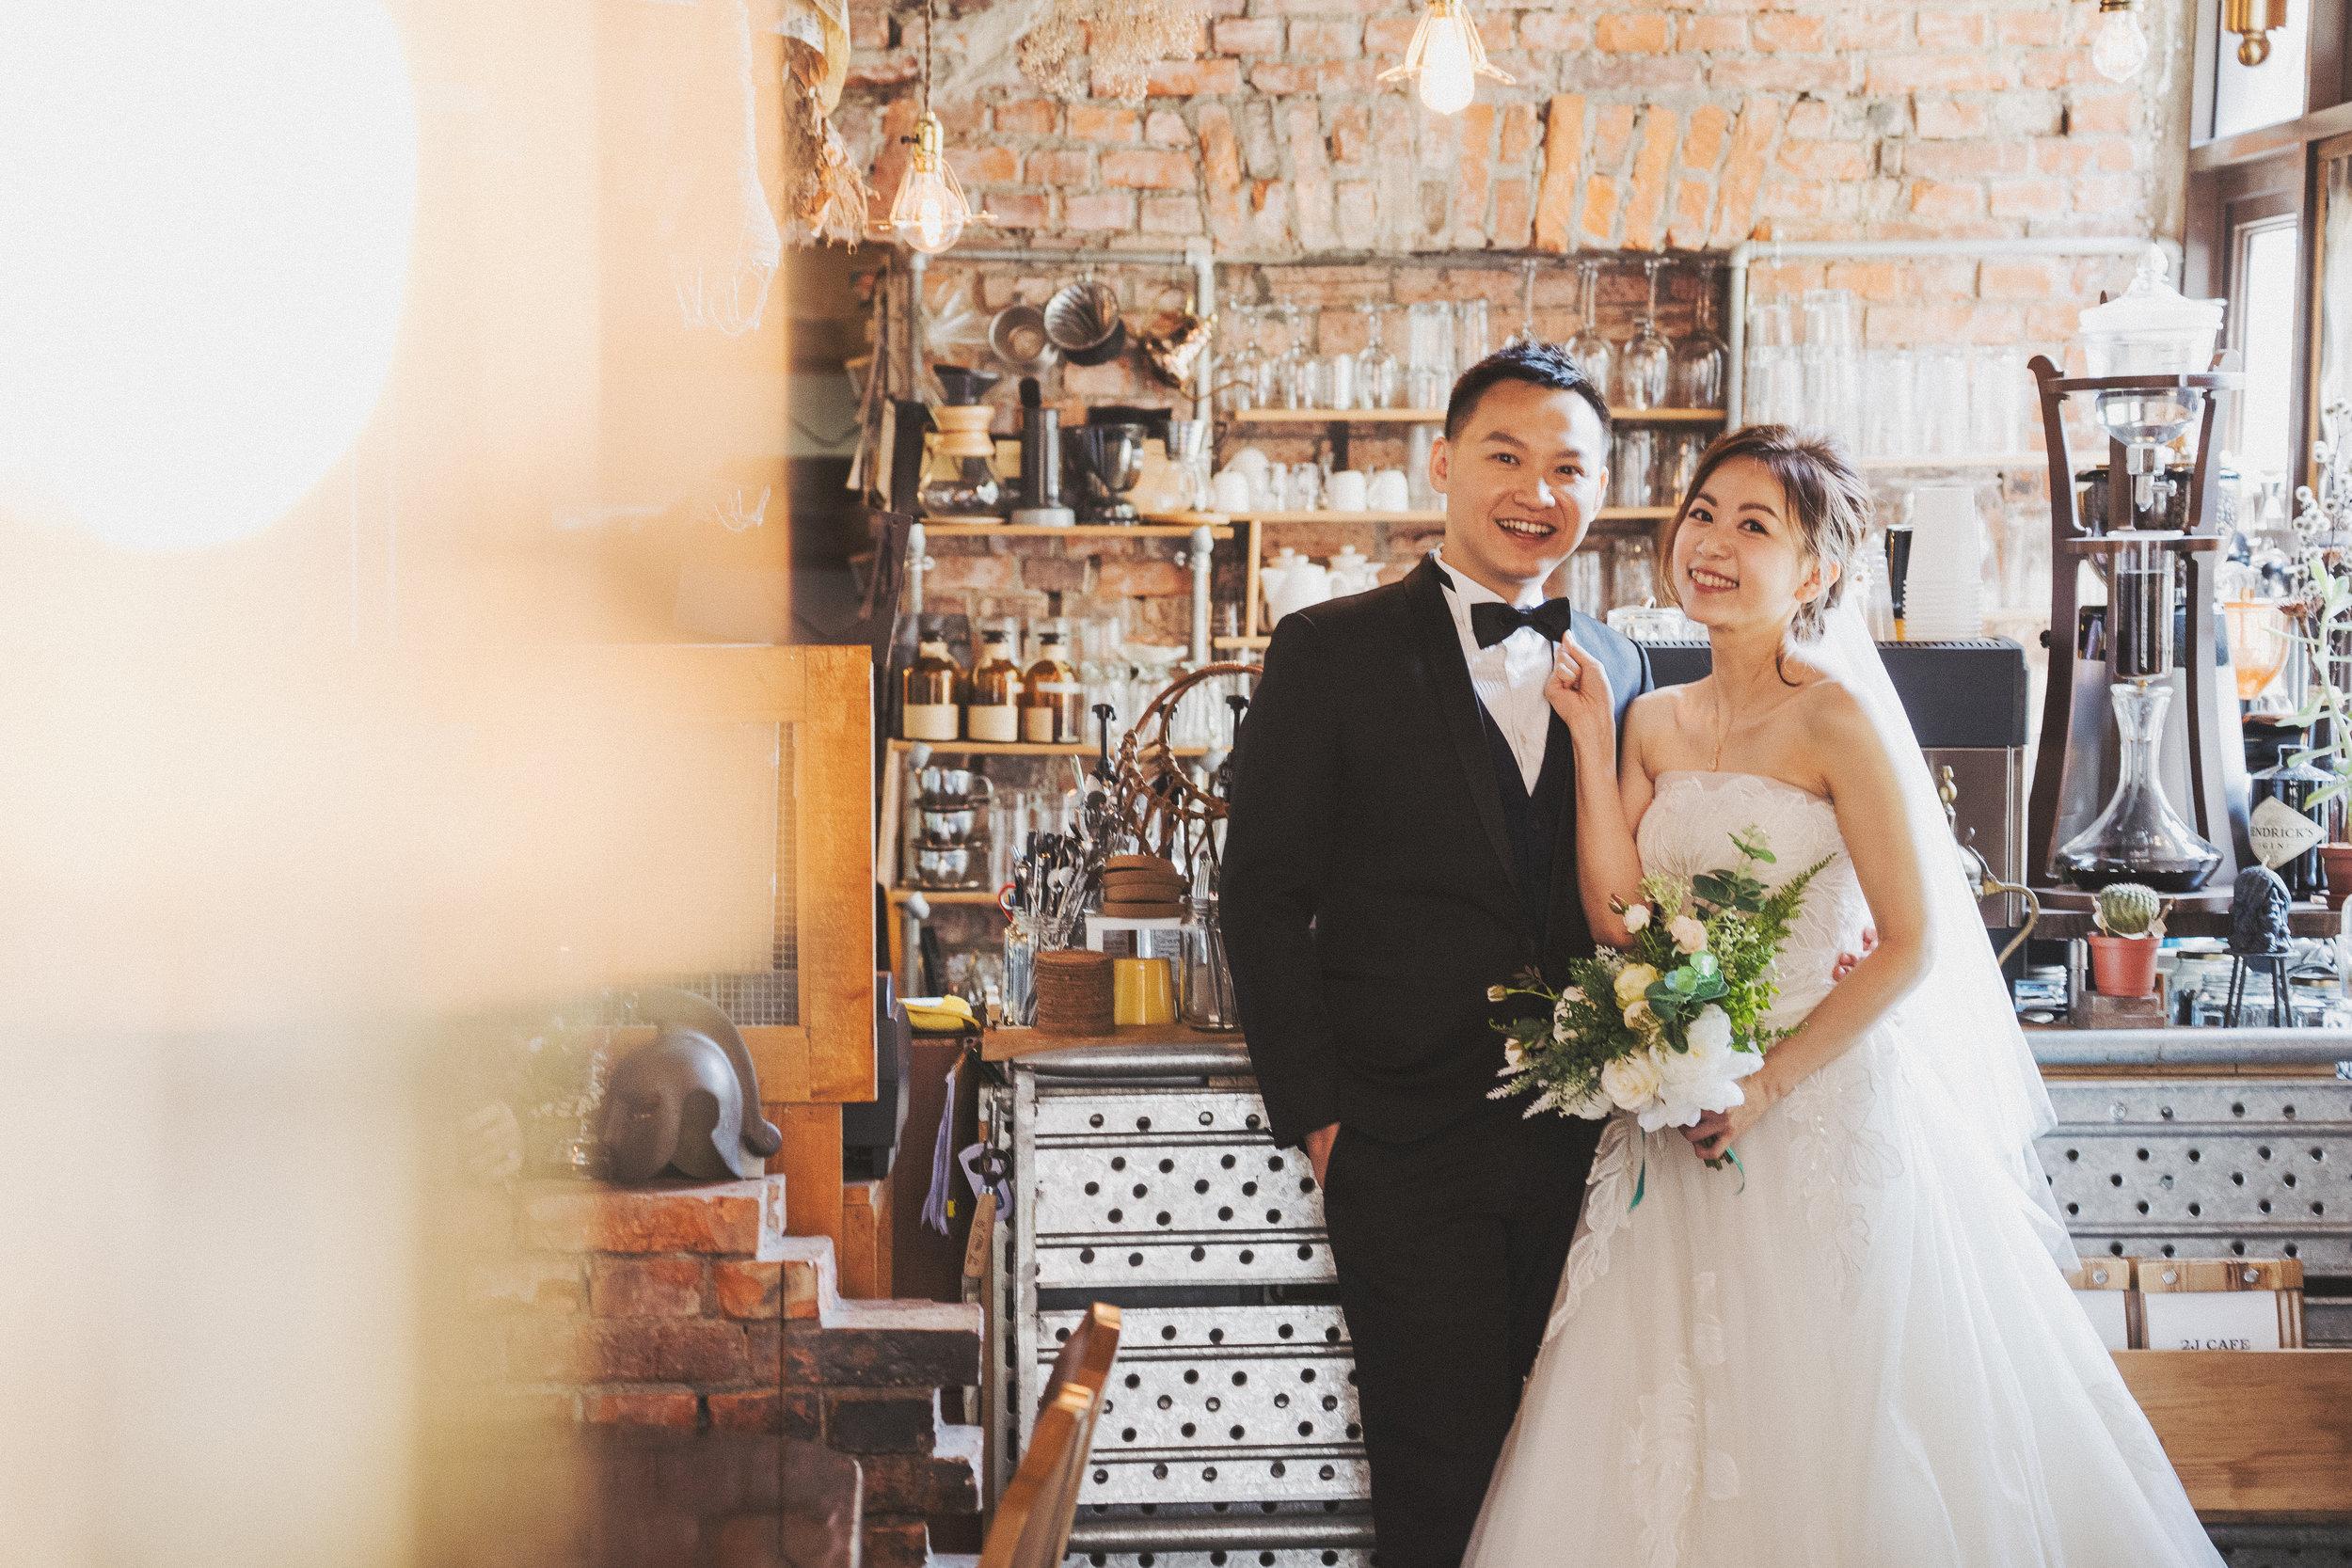 台北婚紗,咖啡廳婚紗,工業風,PURE FOTO